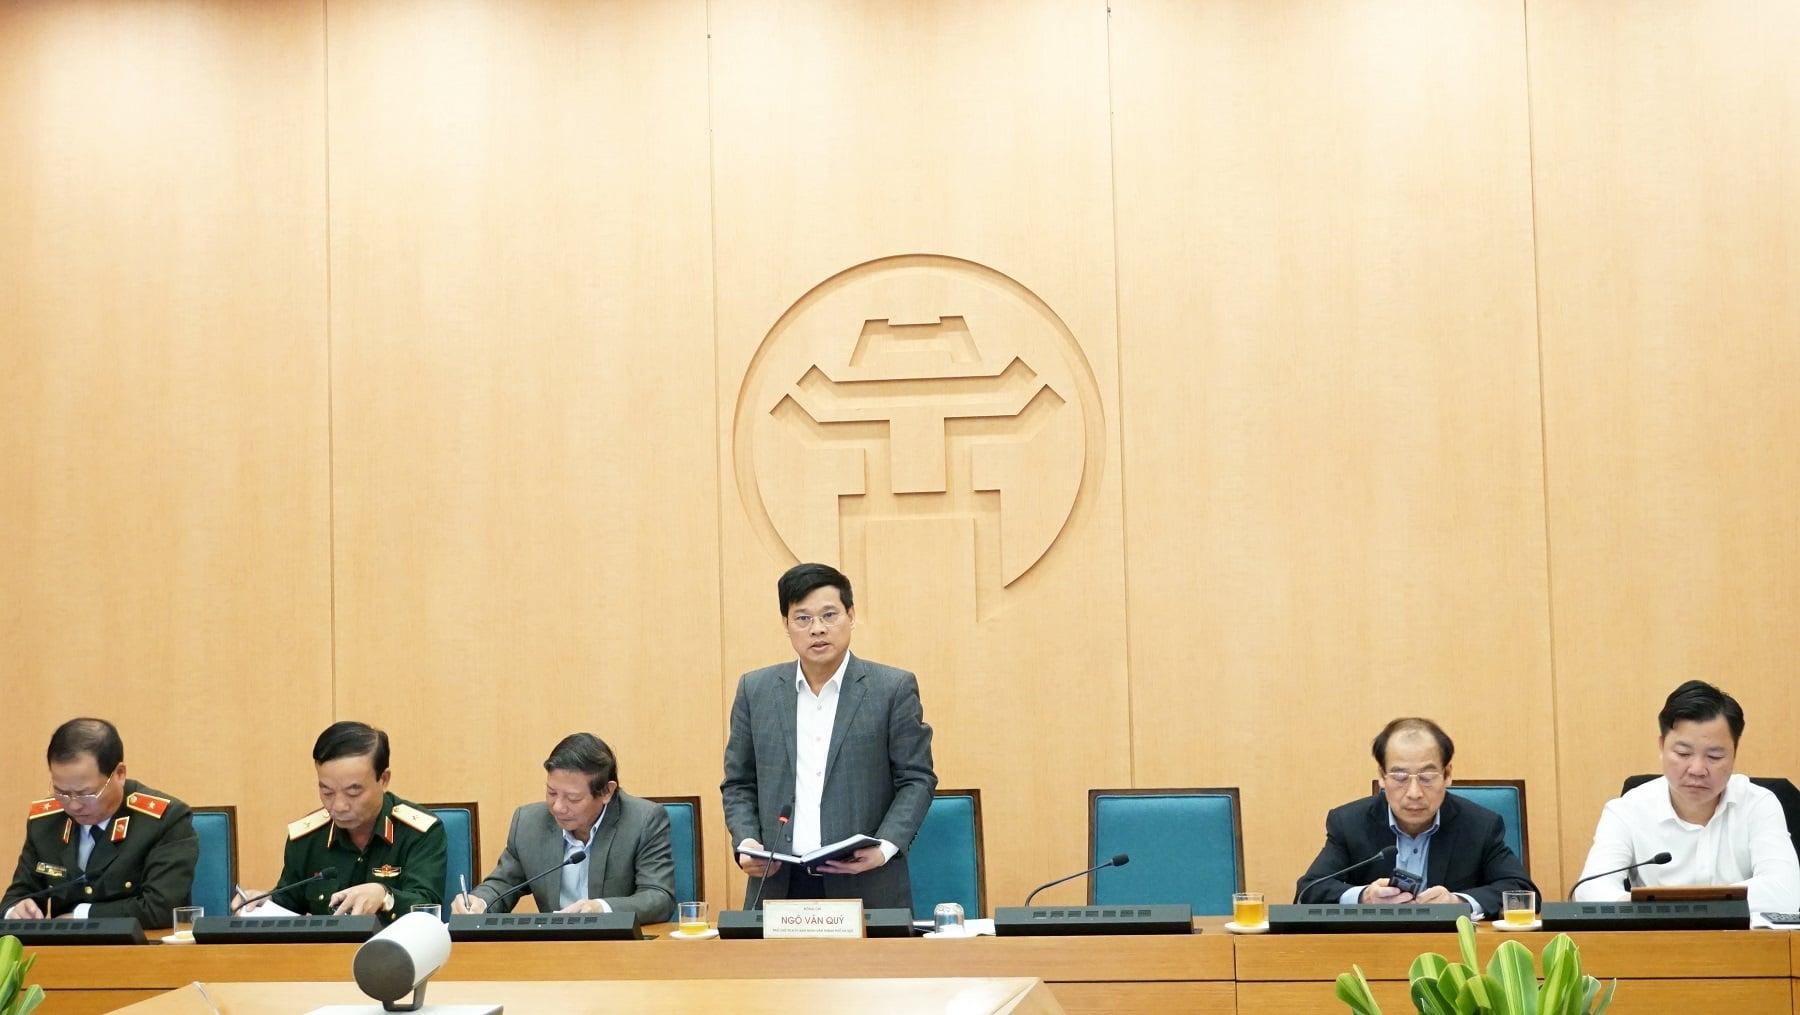 Phó Chủ tịch TP.Hà Nội: Ai không đeo khẩu trang, không được vào chợ - 1